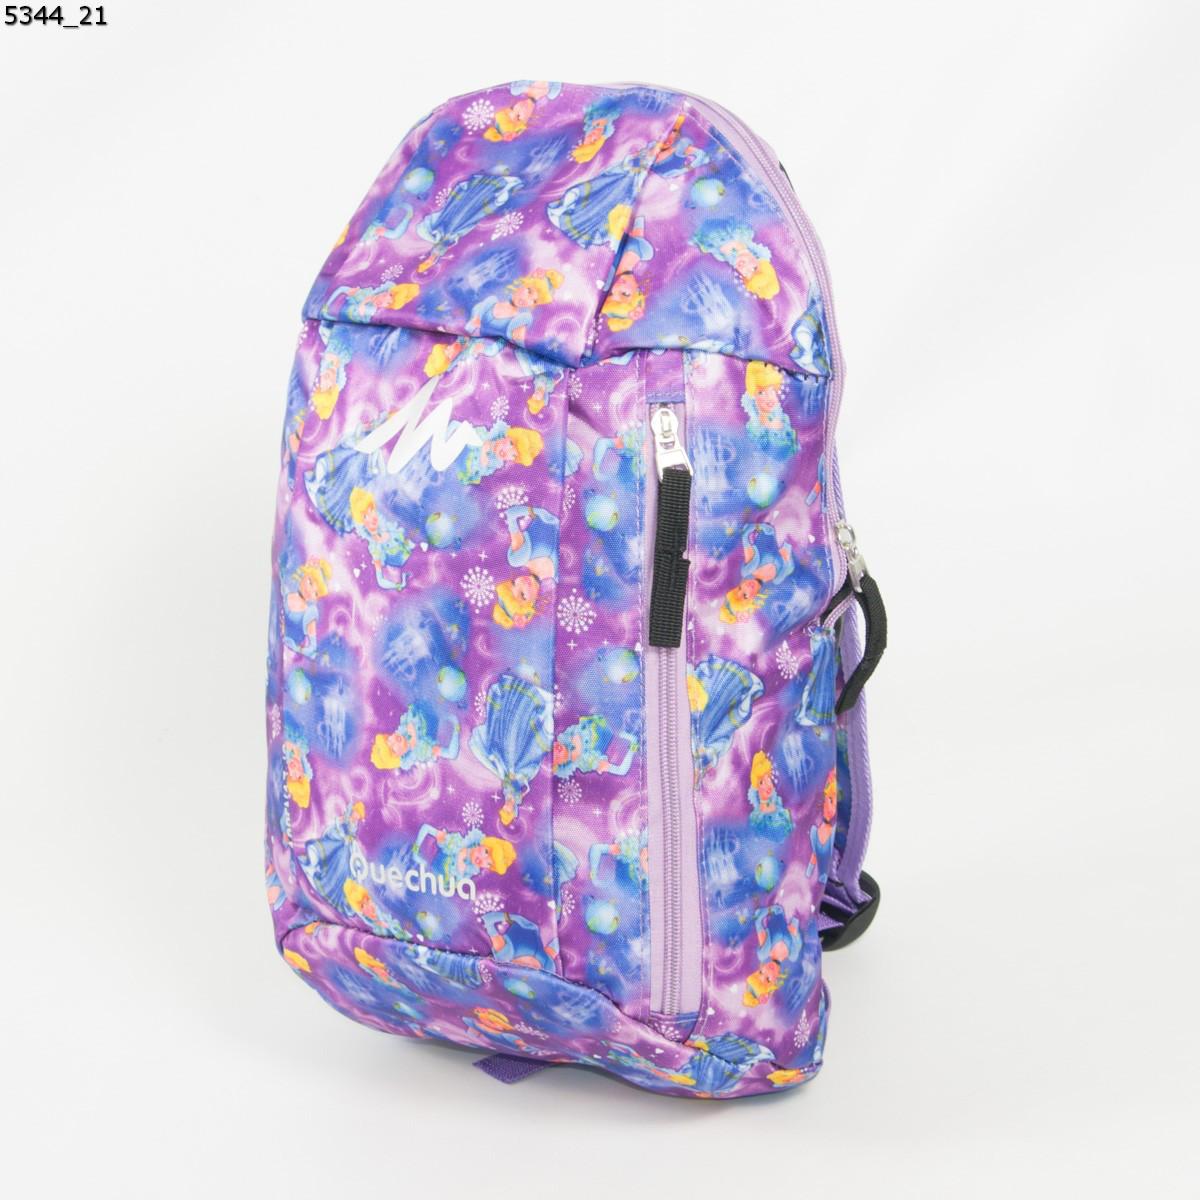 Оптом рюкзак для сменки  для девочек - сиреневый - 5344